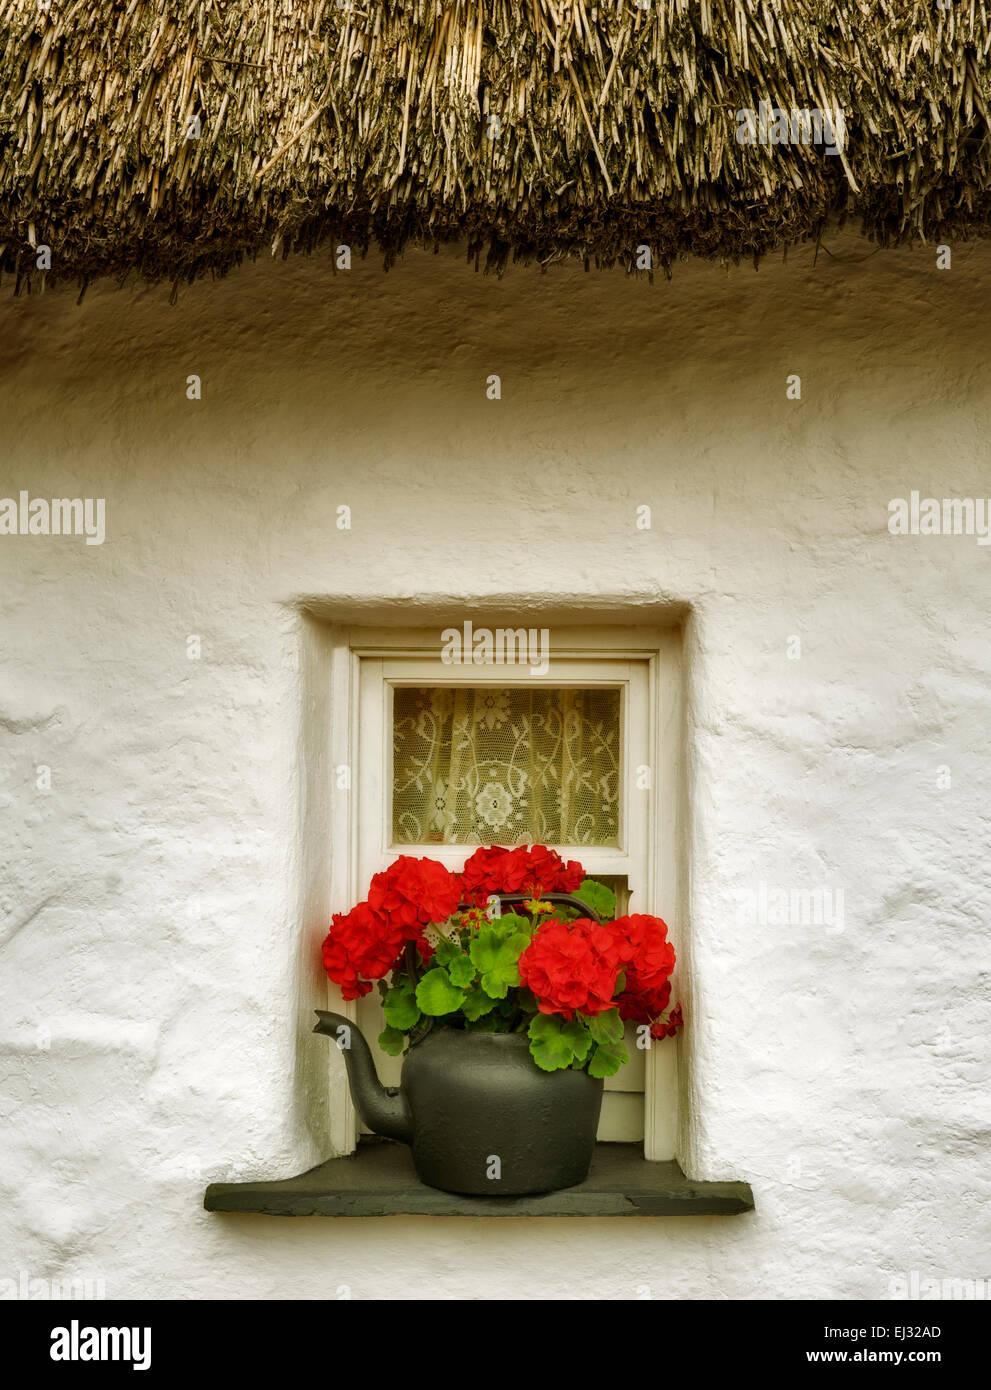 Begonia fleur en pot et fenêtre et toit de chaume. Le château de Bunratty, Irlande Photo Stock